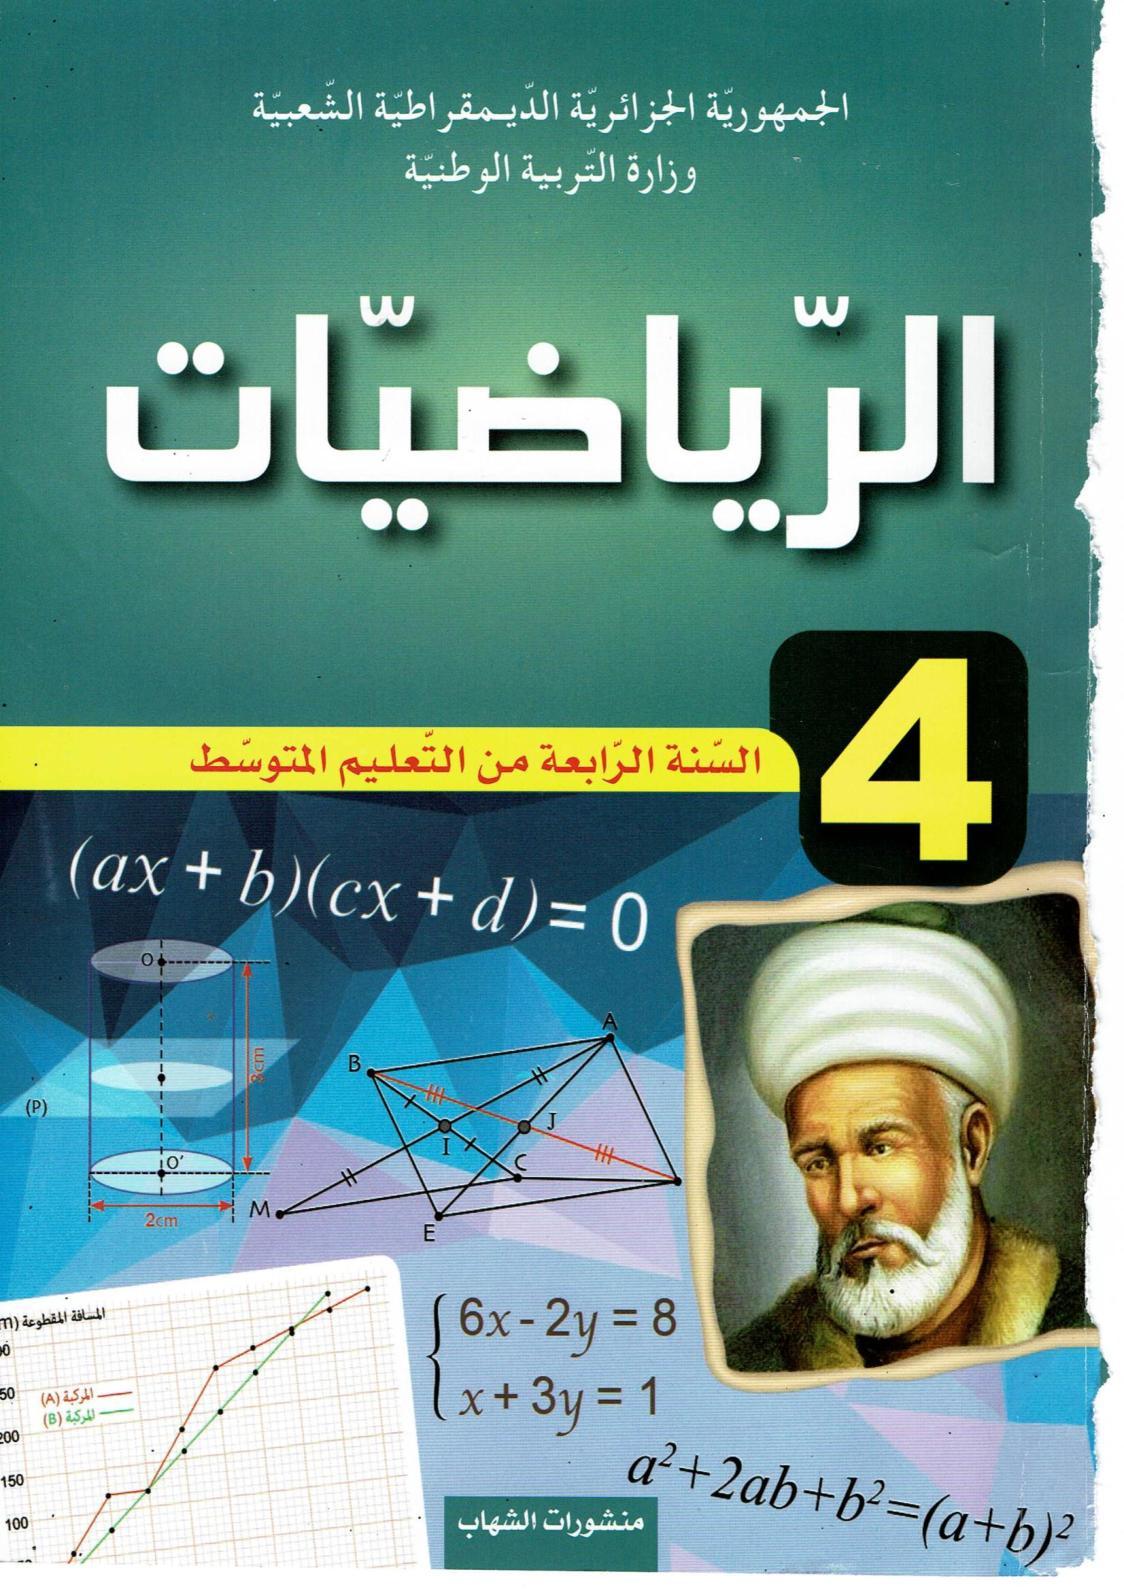 كتاب الرياضيات الجديد للسنة 04 متوسط -الجزء الاول- حسب مناهج  الجيل الثاني